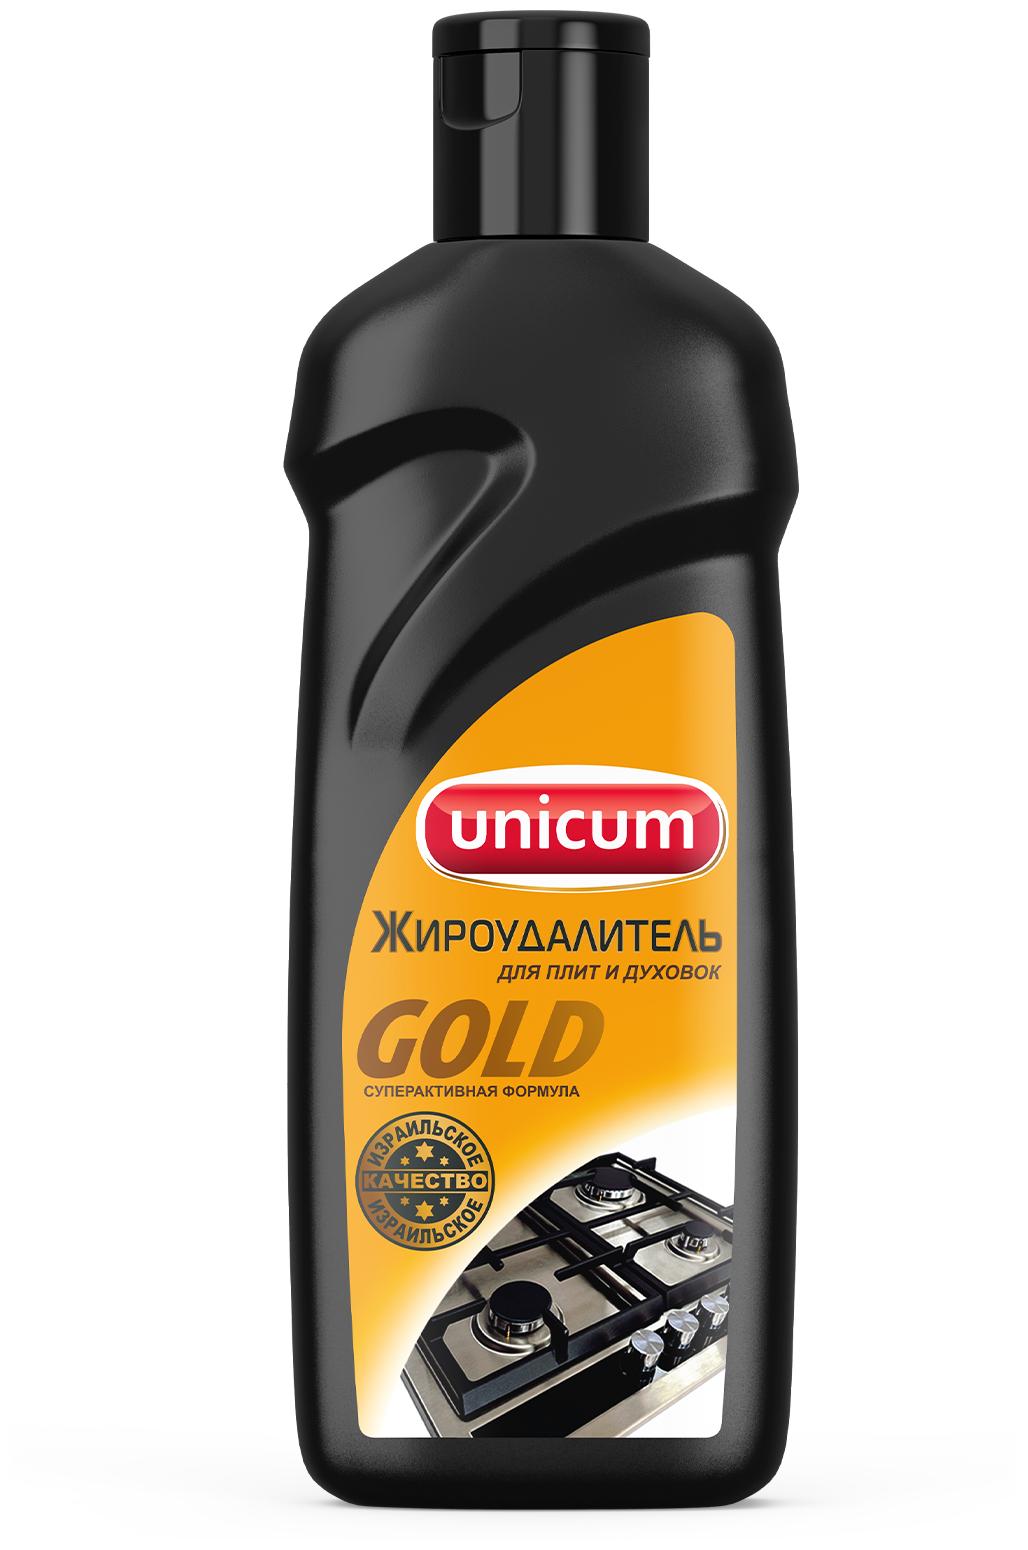 Жироудалитель для плит и духовок Gold Unicum - назначение: для металлических поверхностей, для СВЧ, для кухонных плит, для духовых шкафов, для грилей, для удаления застарелого гриля